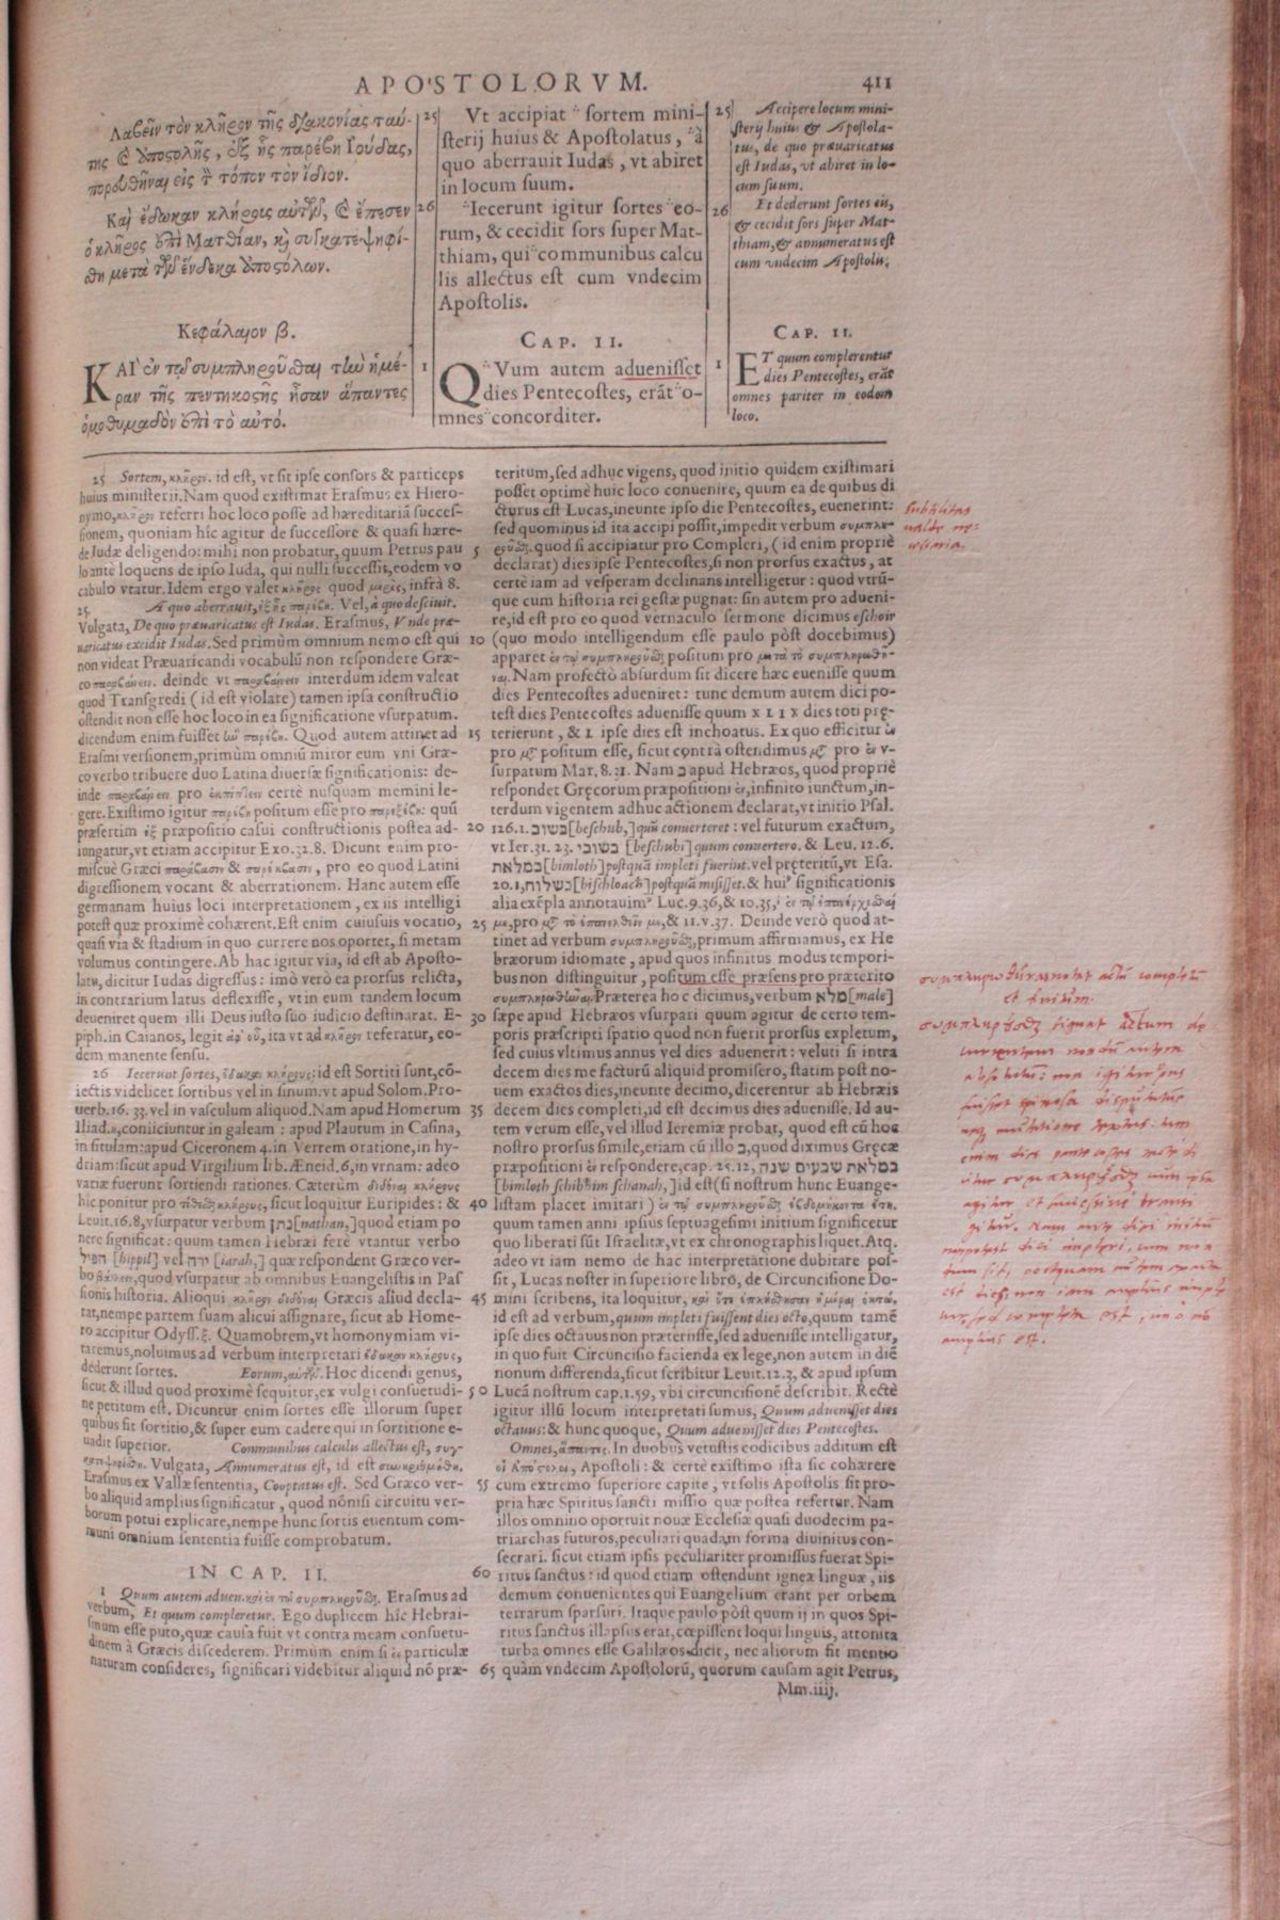 Griechische-Lateinische Bibel, Novum Testamentum 1582 - Bild 10 aus 23